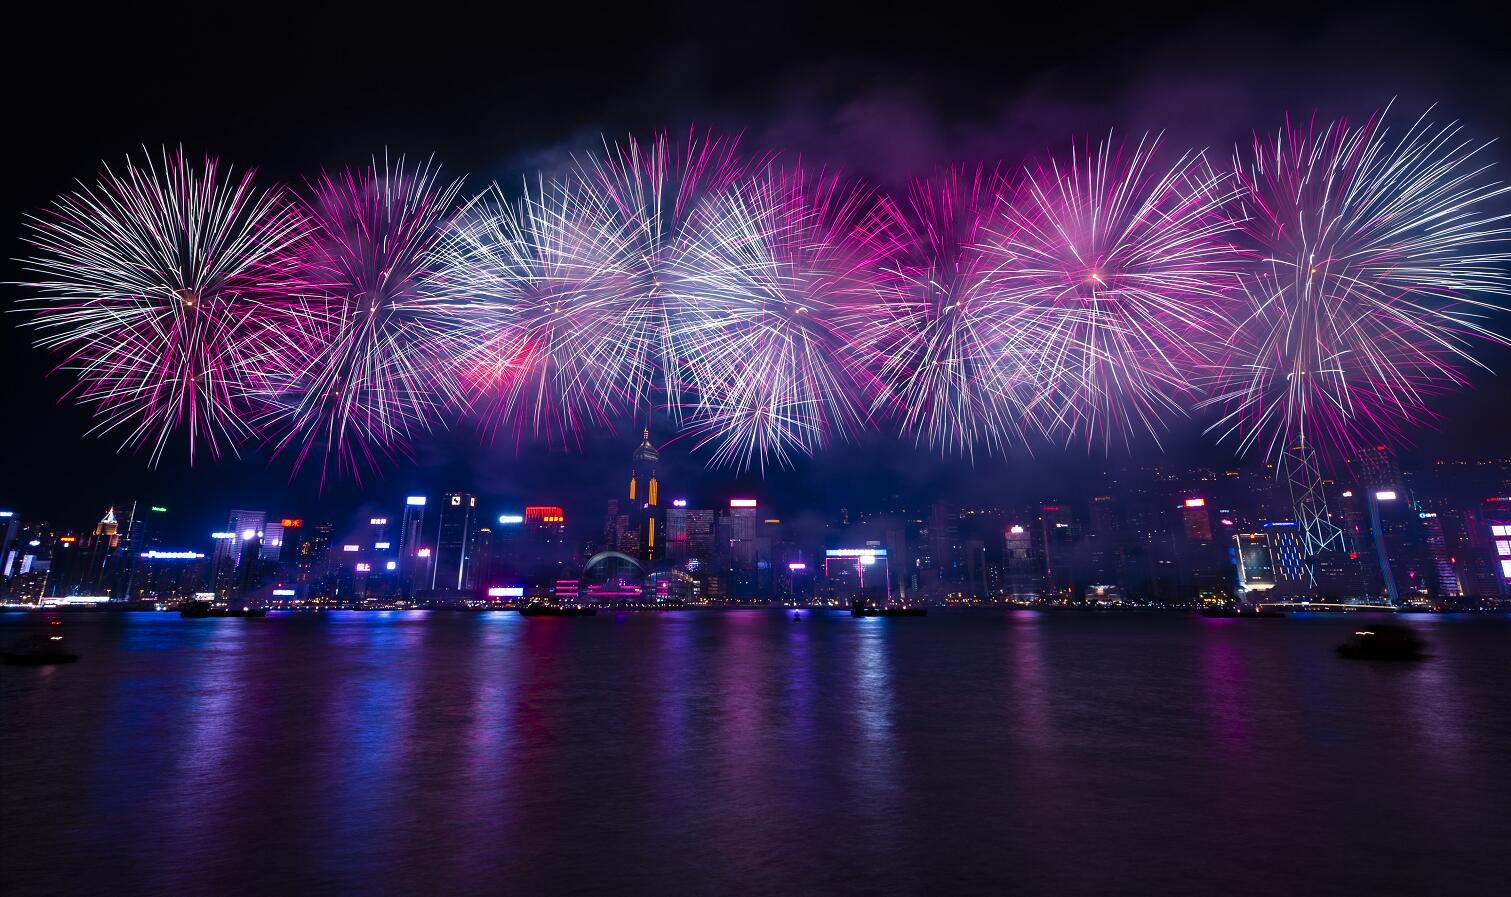 基於公眾安全 香港取消國慶煙花匯演